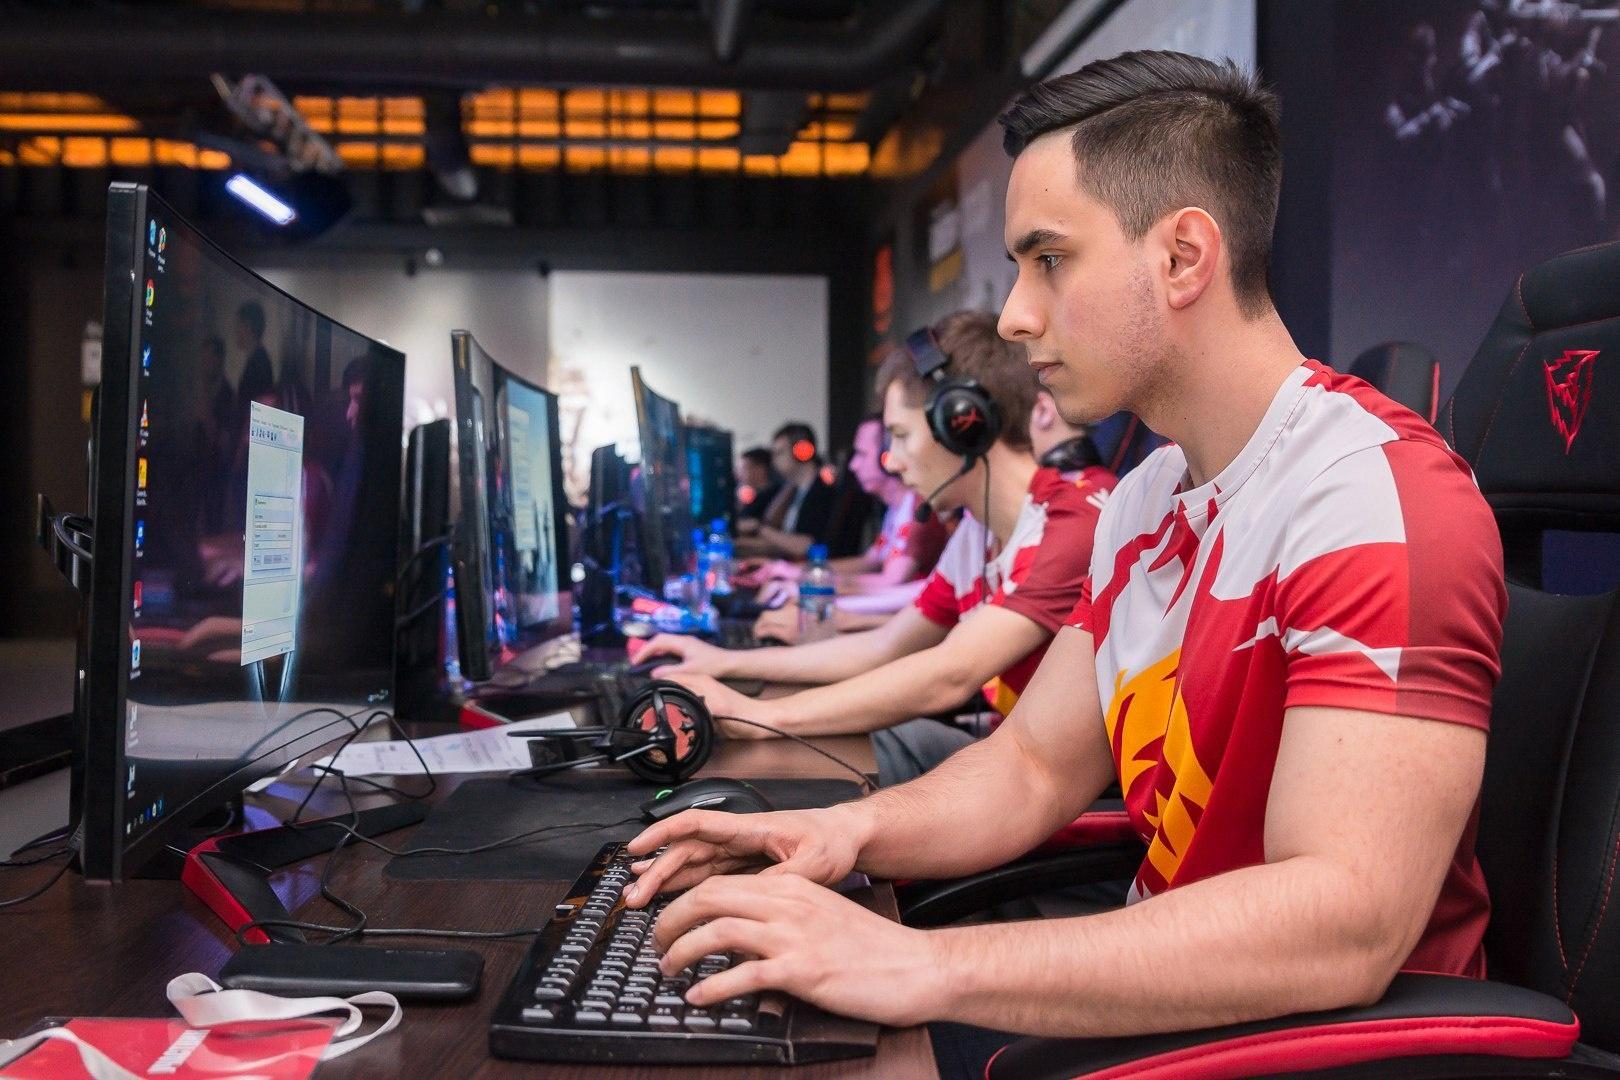 ТАСС: в МГУ разработали платформу E-Boi для тренировки киберспортсменов